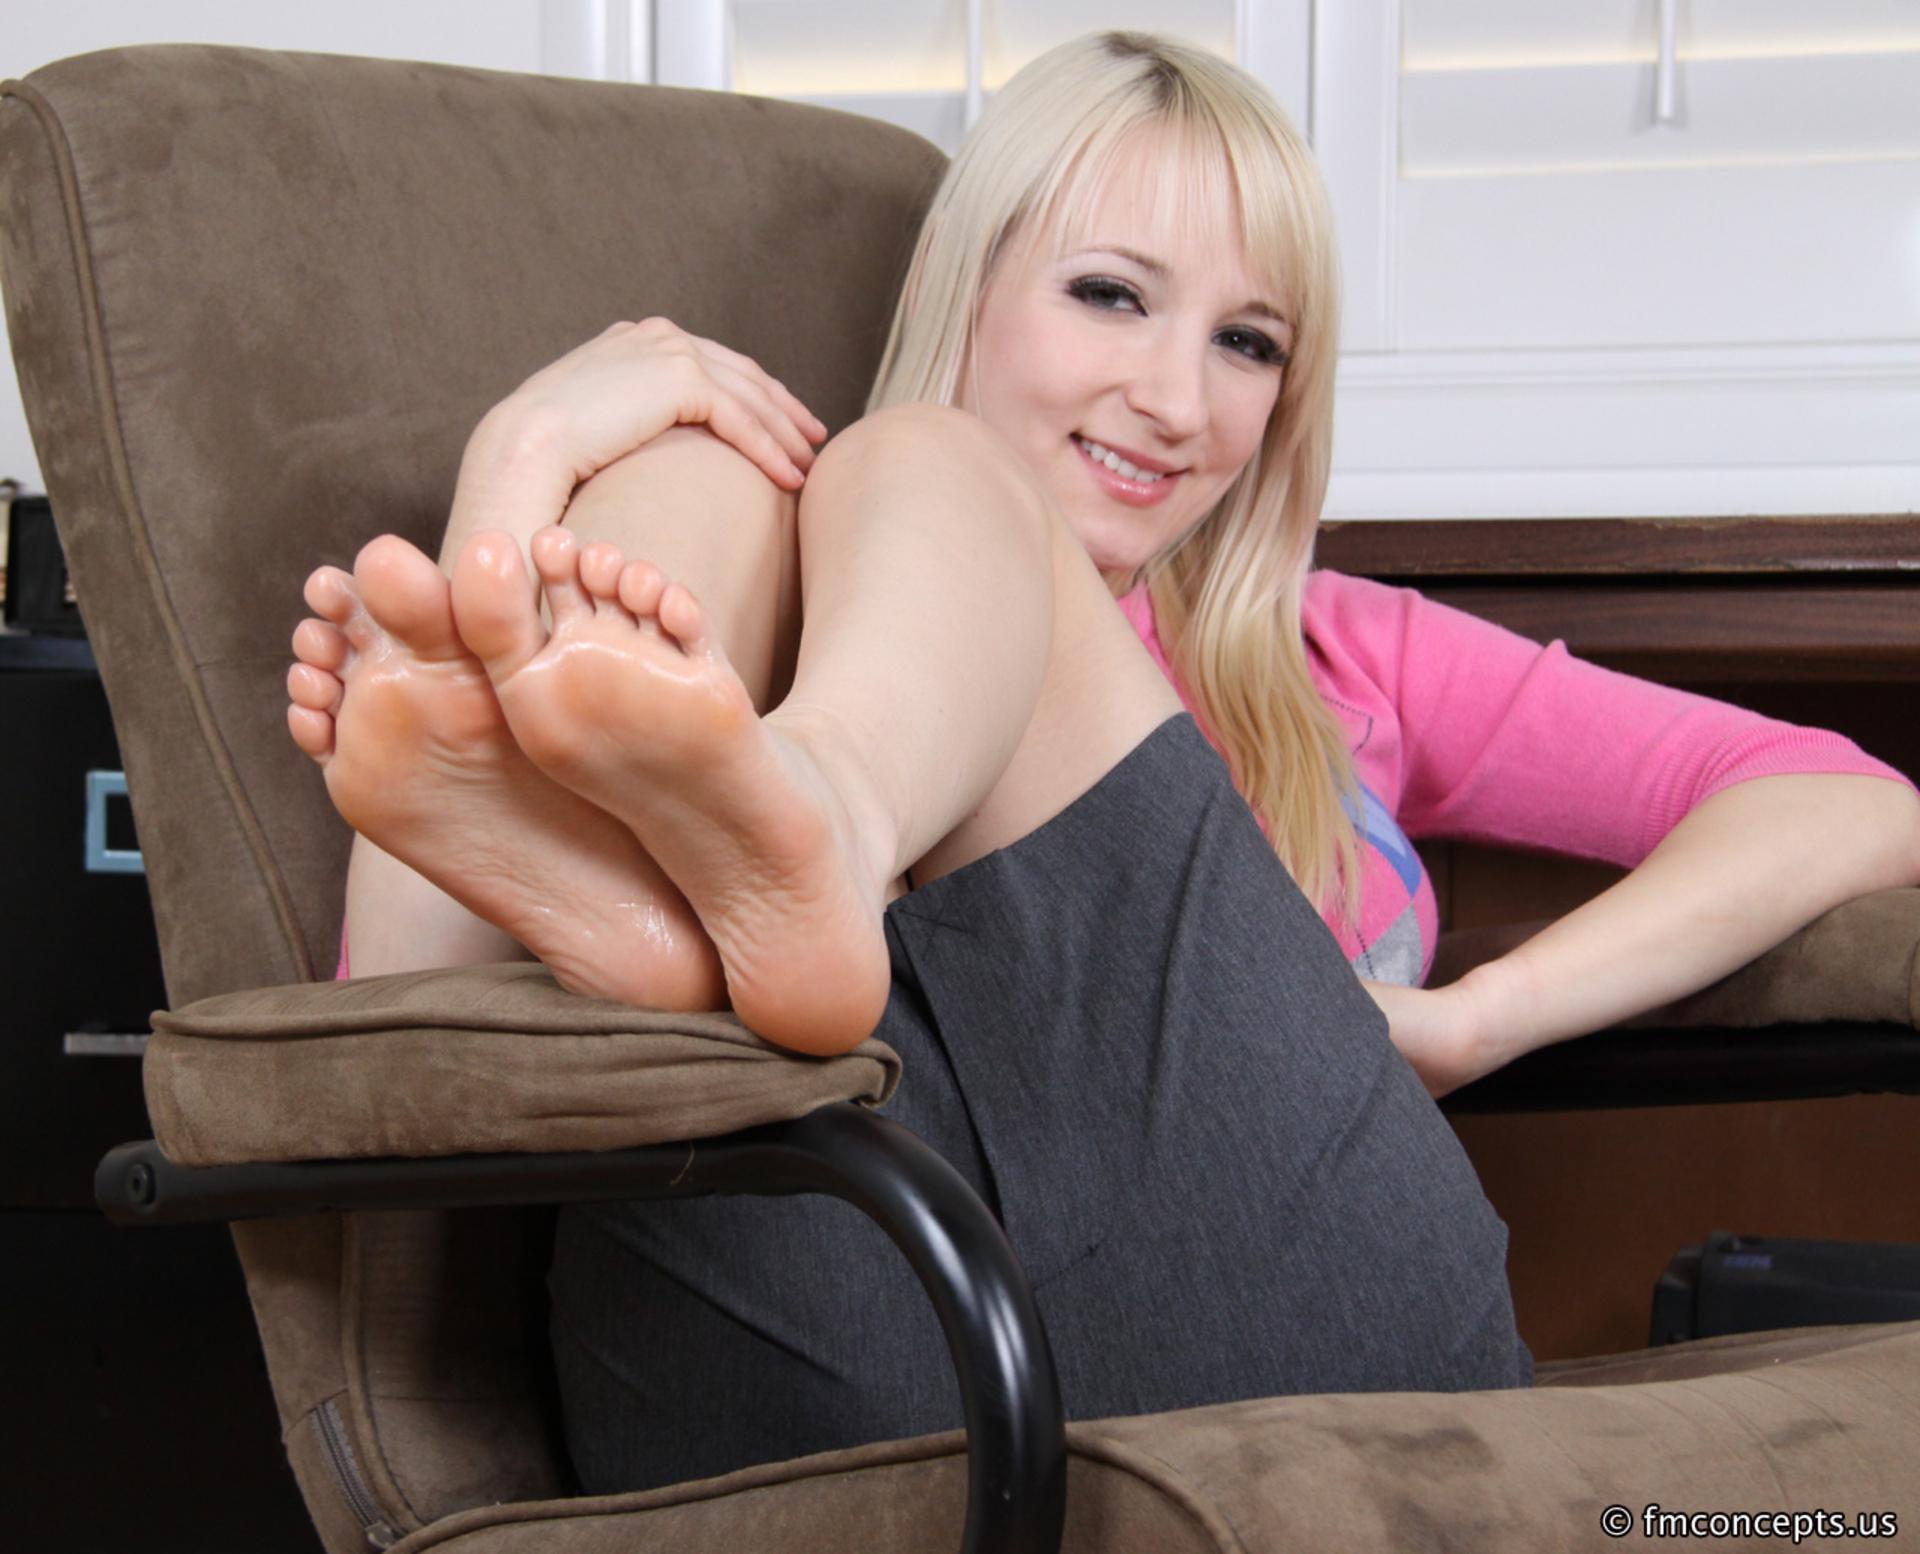 Блондиночка мало внимания уделяет собственной груди